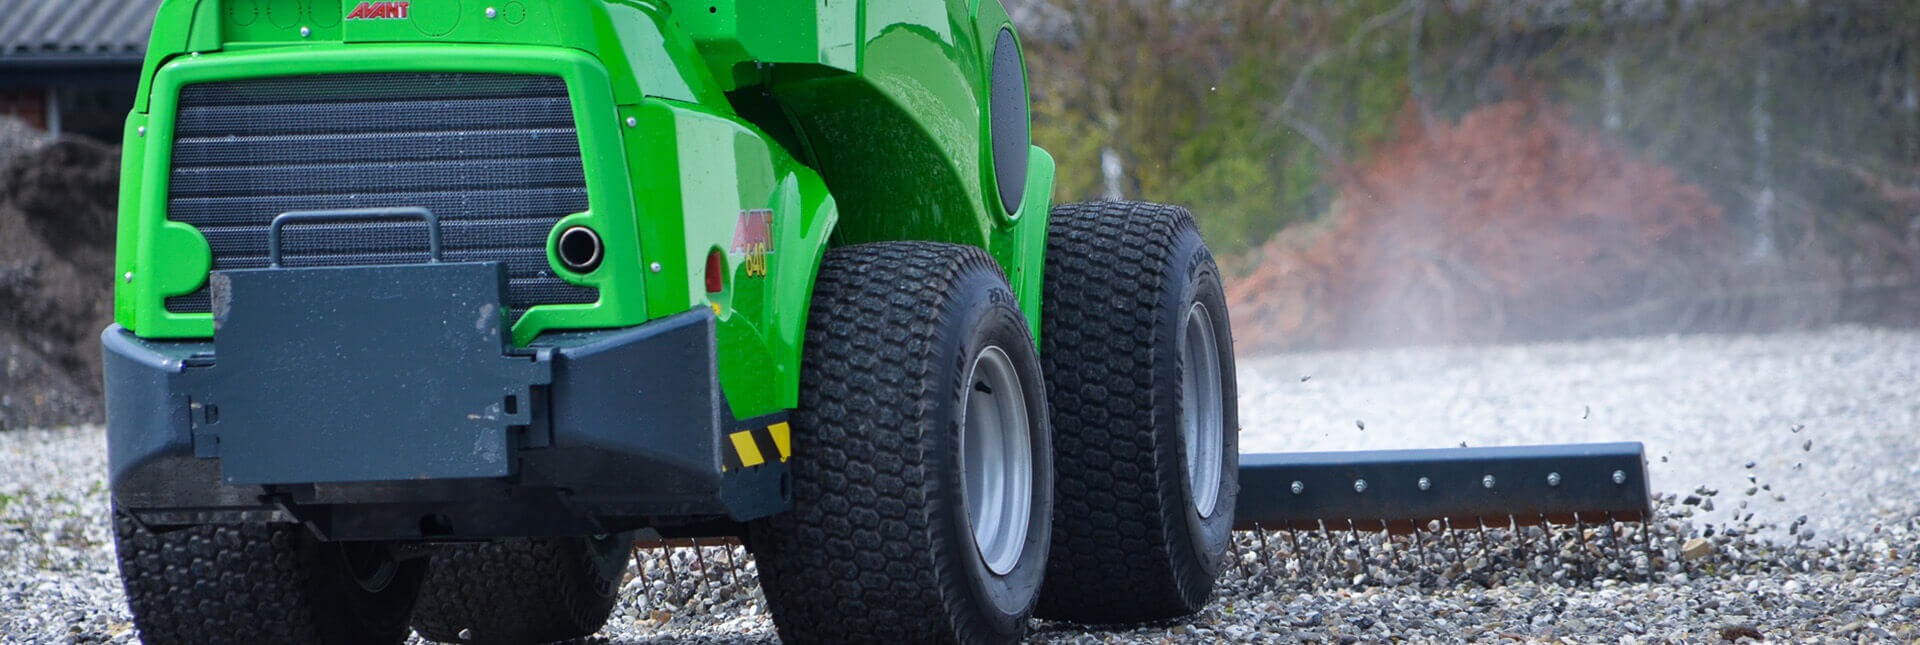 Arbejdsbillede af Gårdrive TFTL monteret på en avant minilæsser